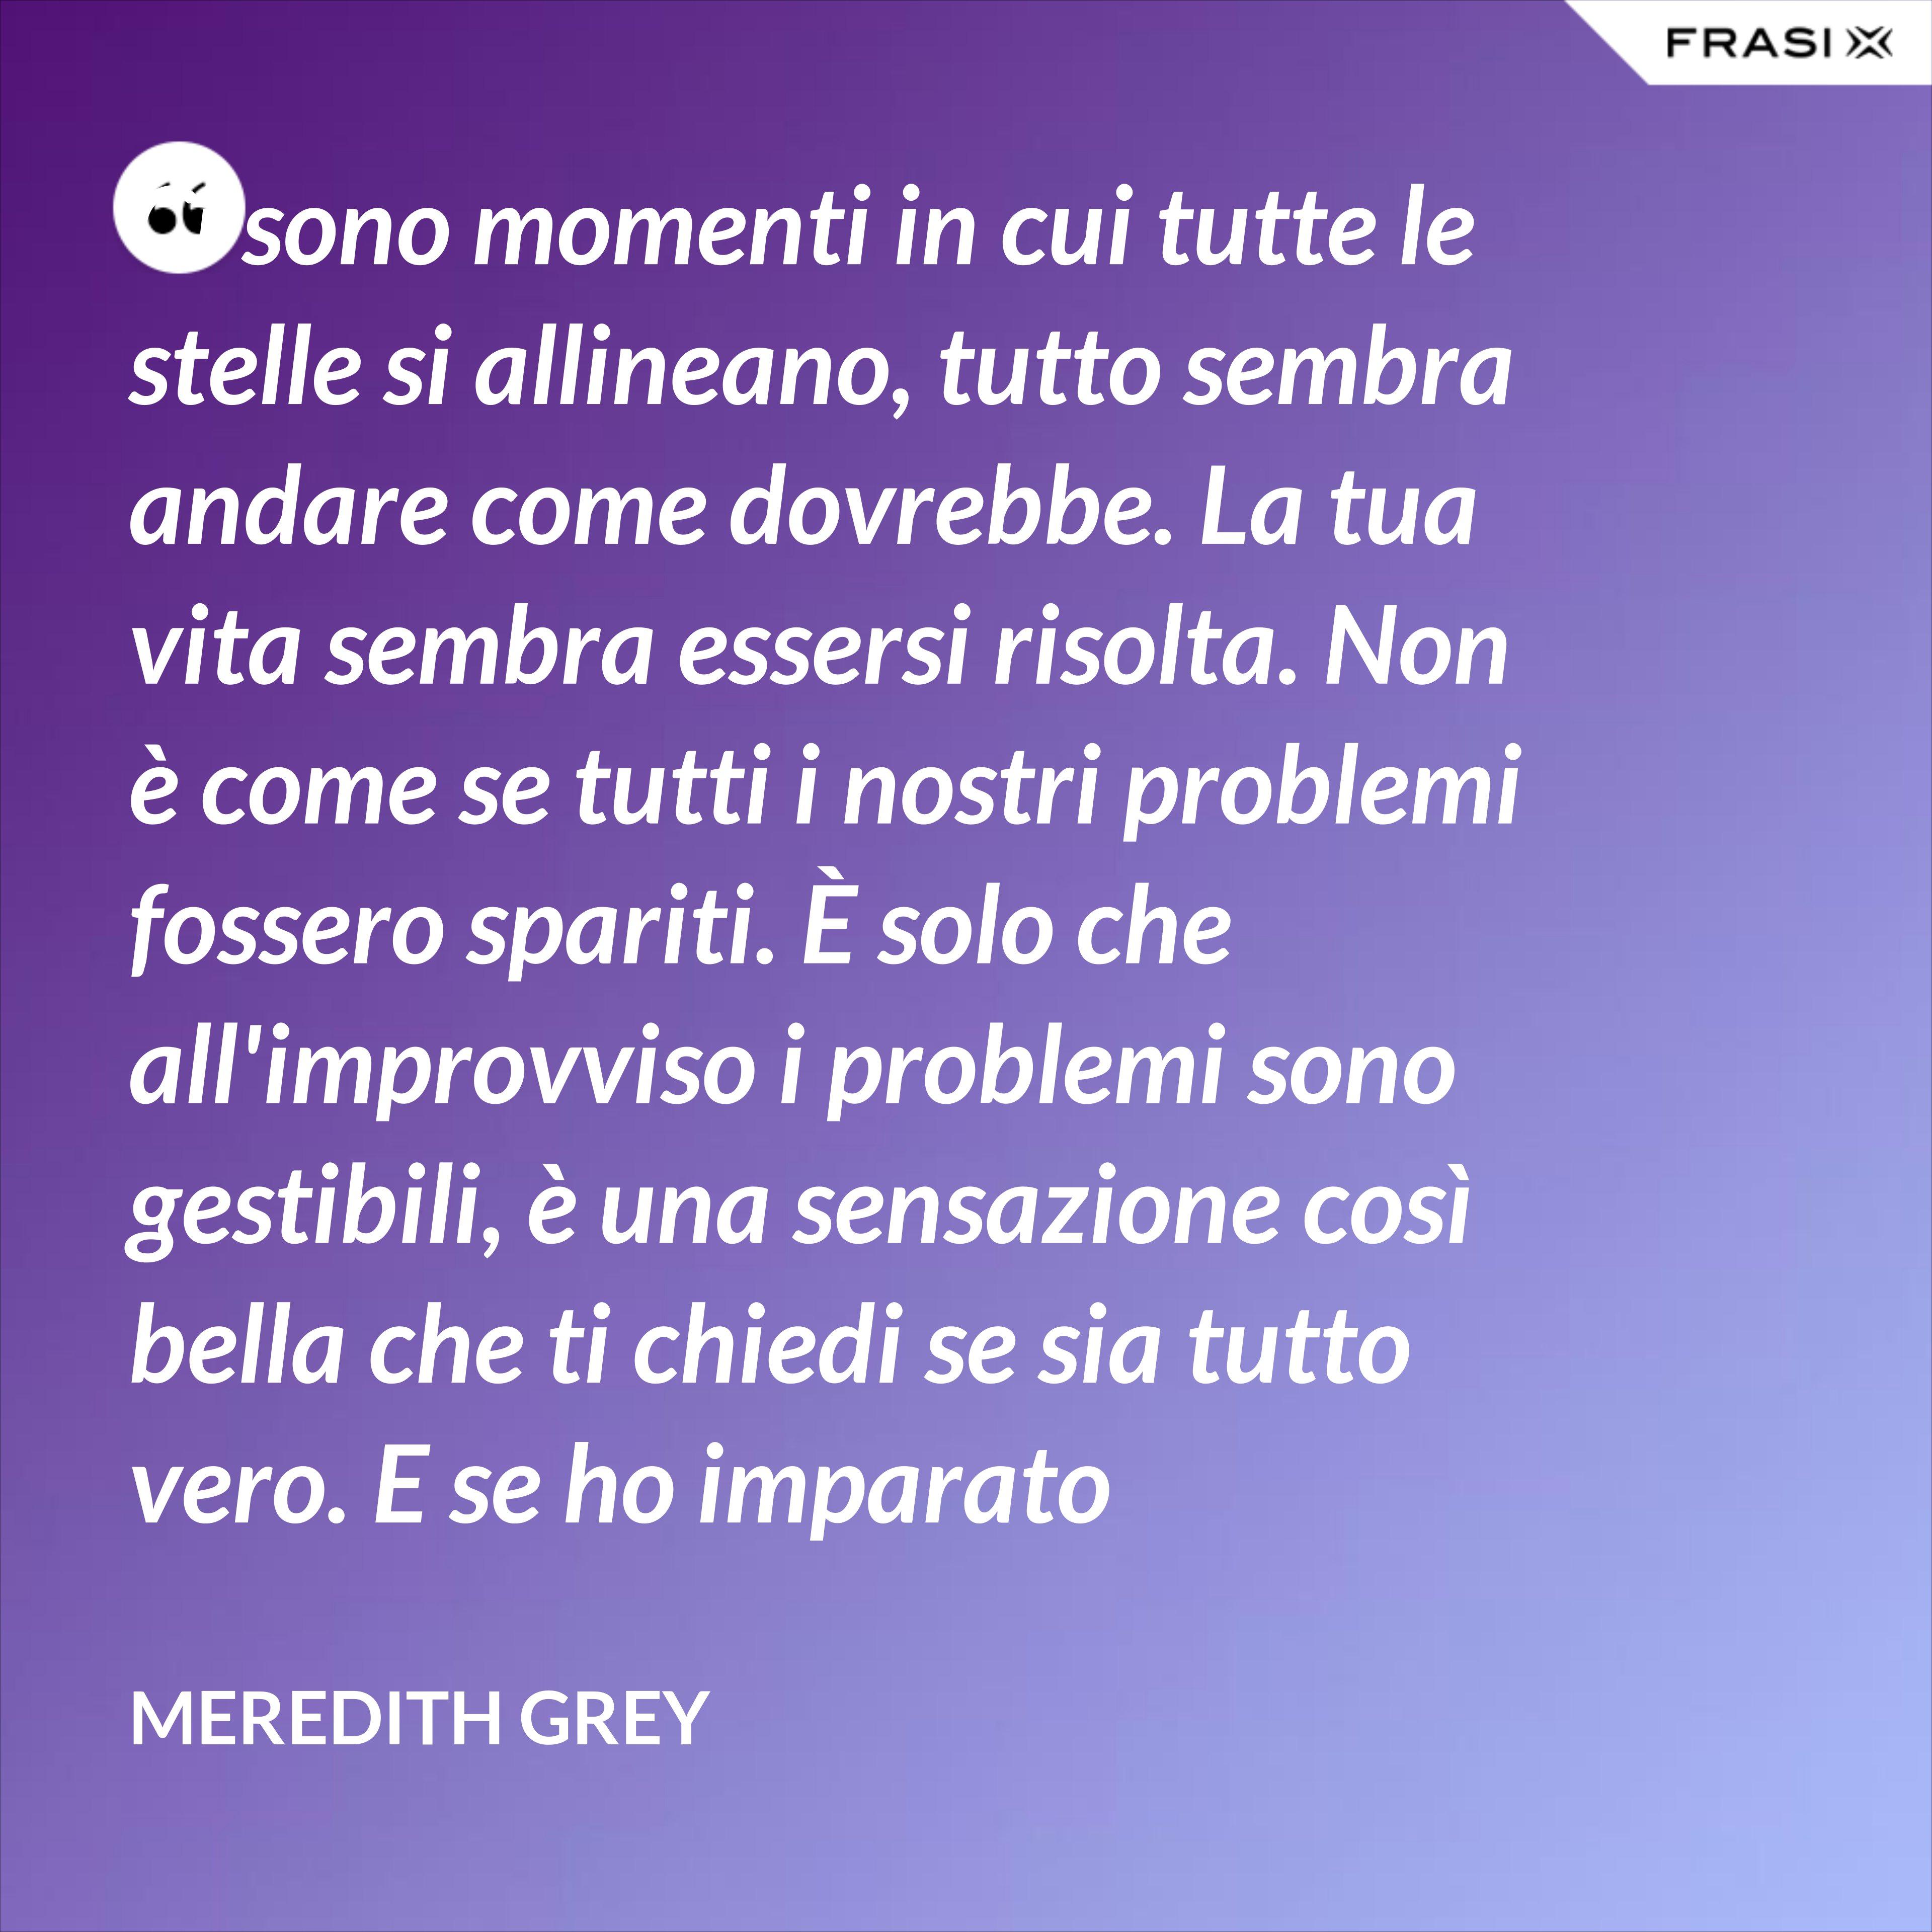 Ci sono momenti in cui tutte le stelle si allineano, tutto sembra andare come dovrebbe. La tua vita sembra essersi risolta. Non è come se tutti i nostri problemi fossero spariti. È solo che all'improvviso i problemi sono gestibili, è una sensazione così bella che ti chiedi se sia tutto vero. E se ho imparato qualcosa, posso dire che è vero, è molto vero, ma è una sensazione che non dura. - Meredith Grey